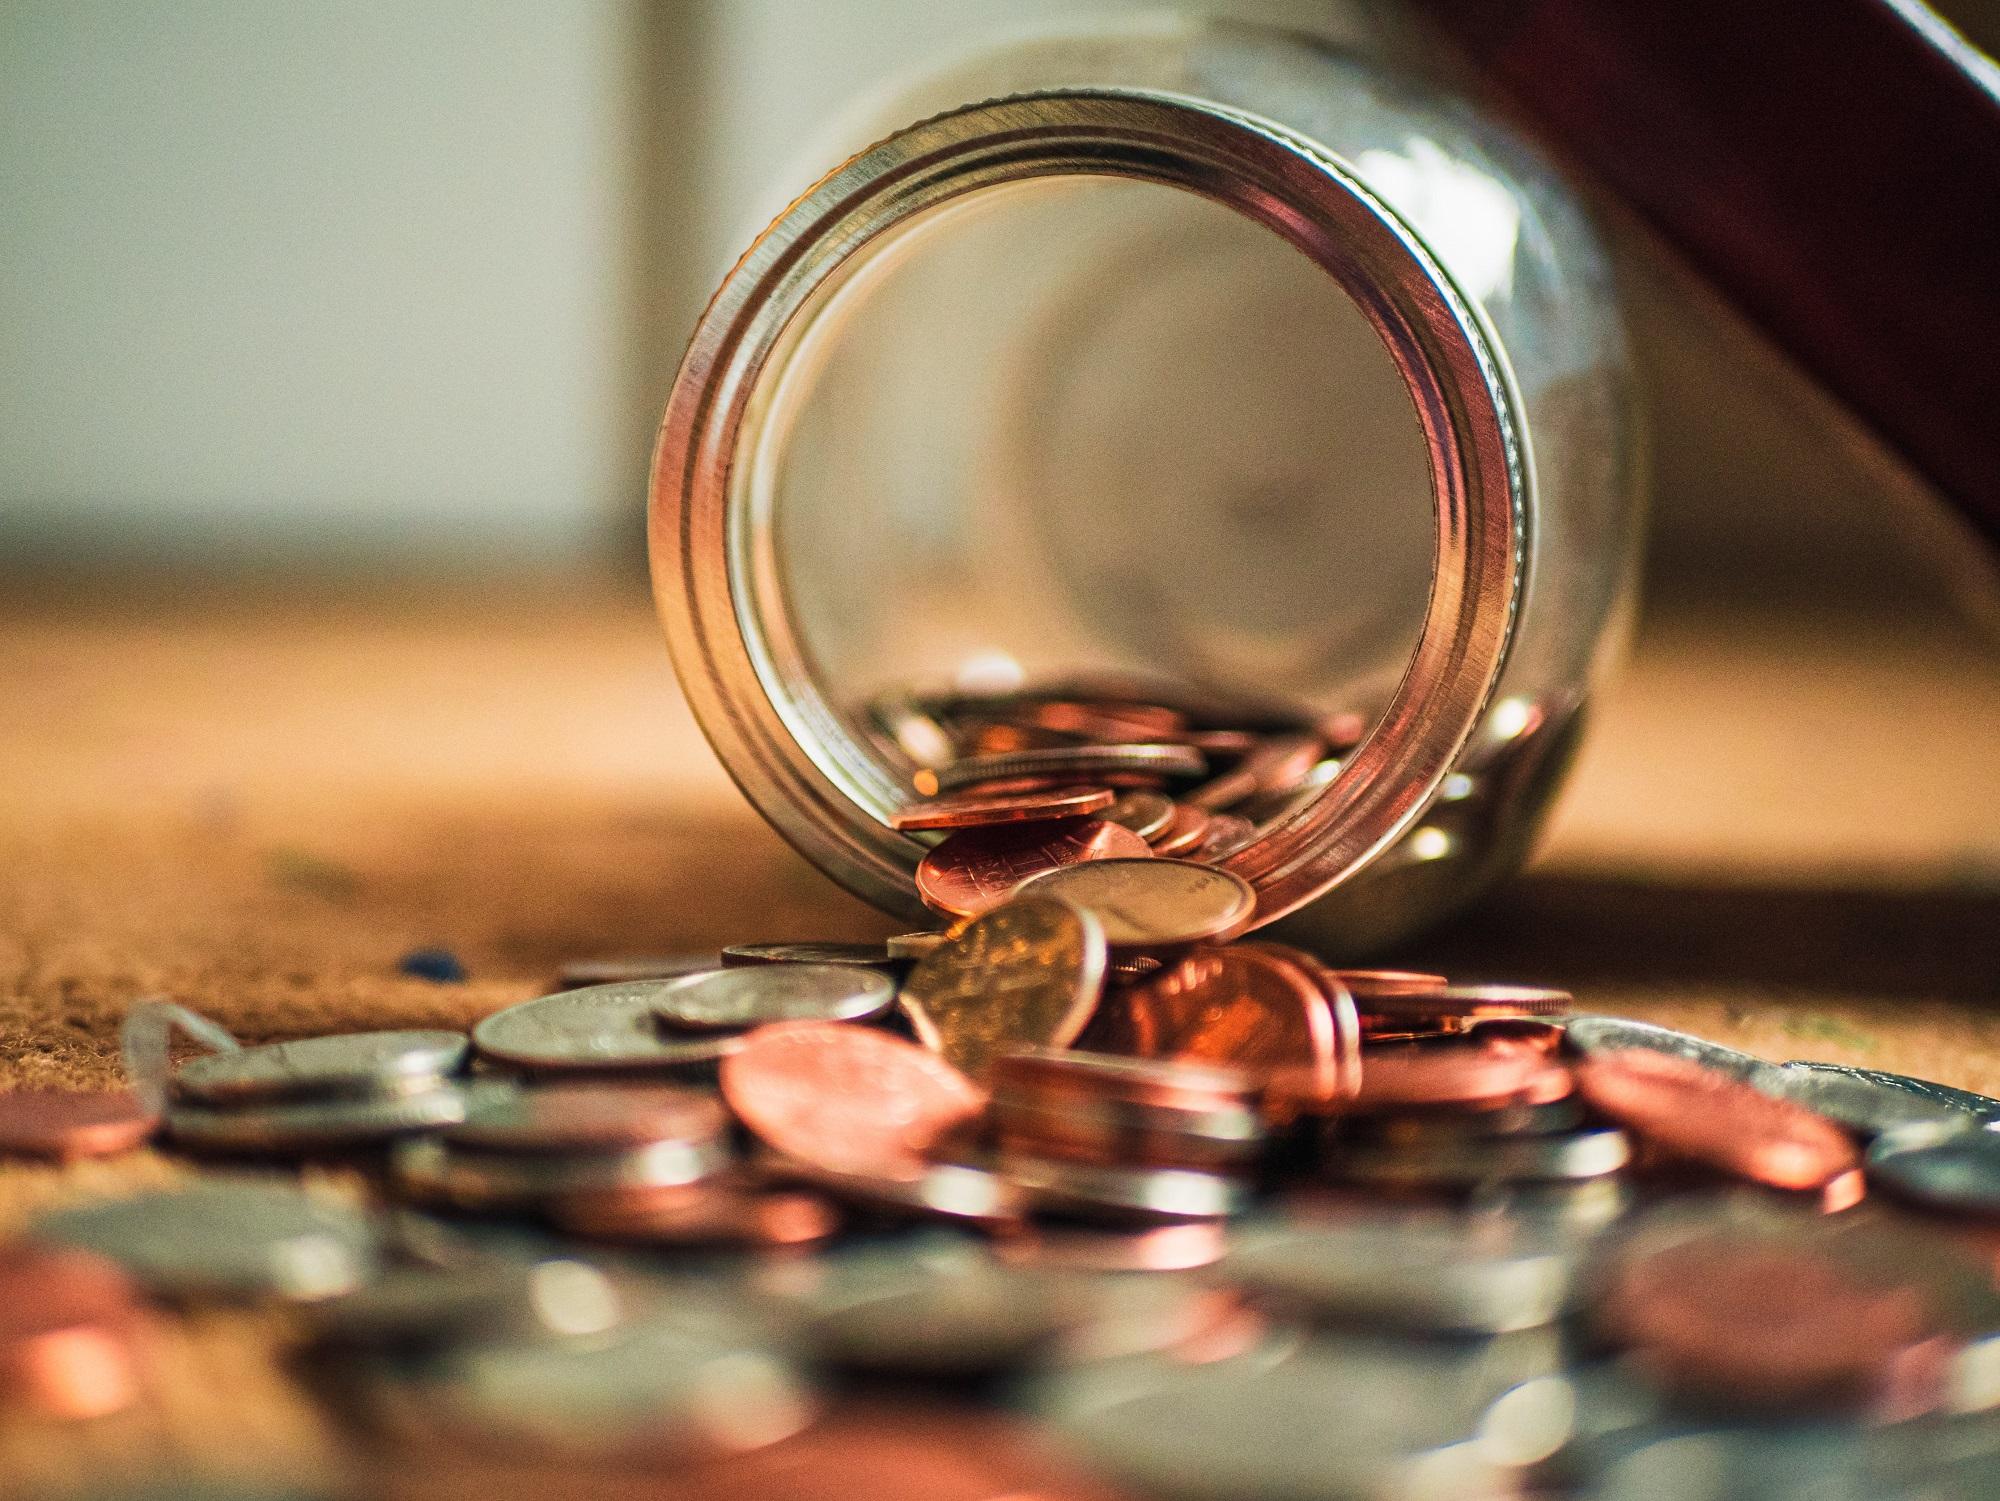 Crise econômica: poupança ou fundo de emergência?